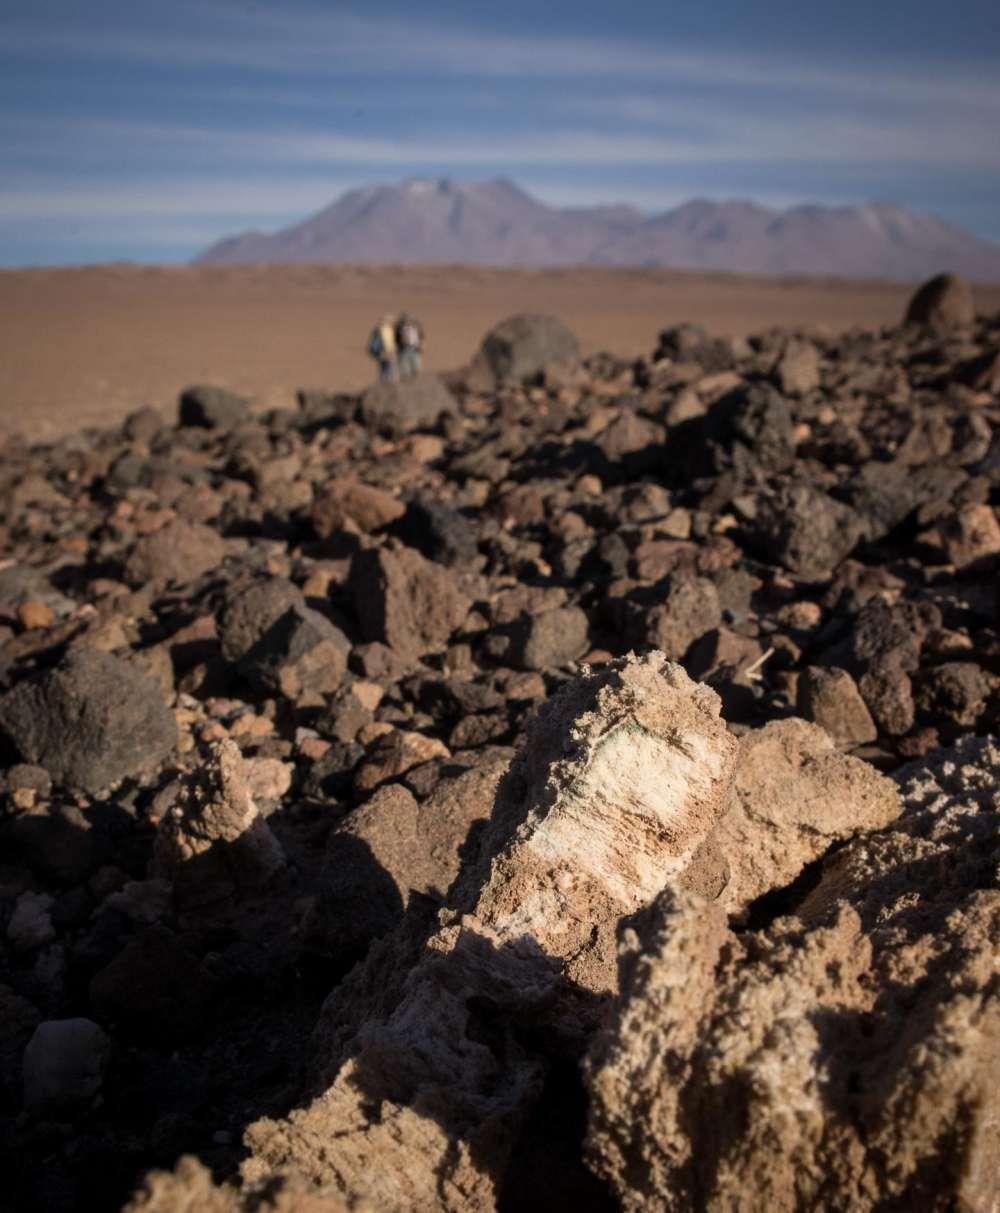 ميكروبات تستخرج الماء من الصخور في المناطق الصحراوية - تستطيع بعض أنواع البكتيريا الزرقاء cyanobacteria التي تعيش في الصخور أن تسحب المياه من محيطها المعدني